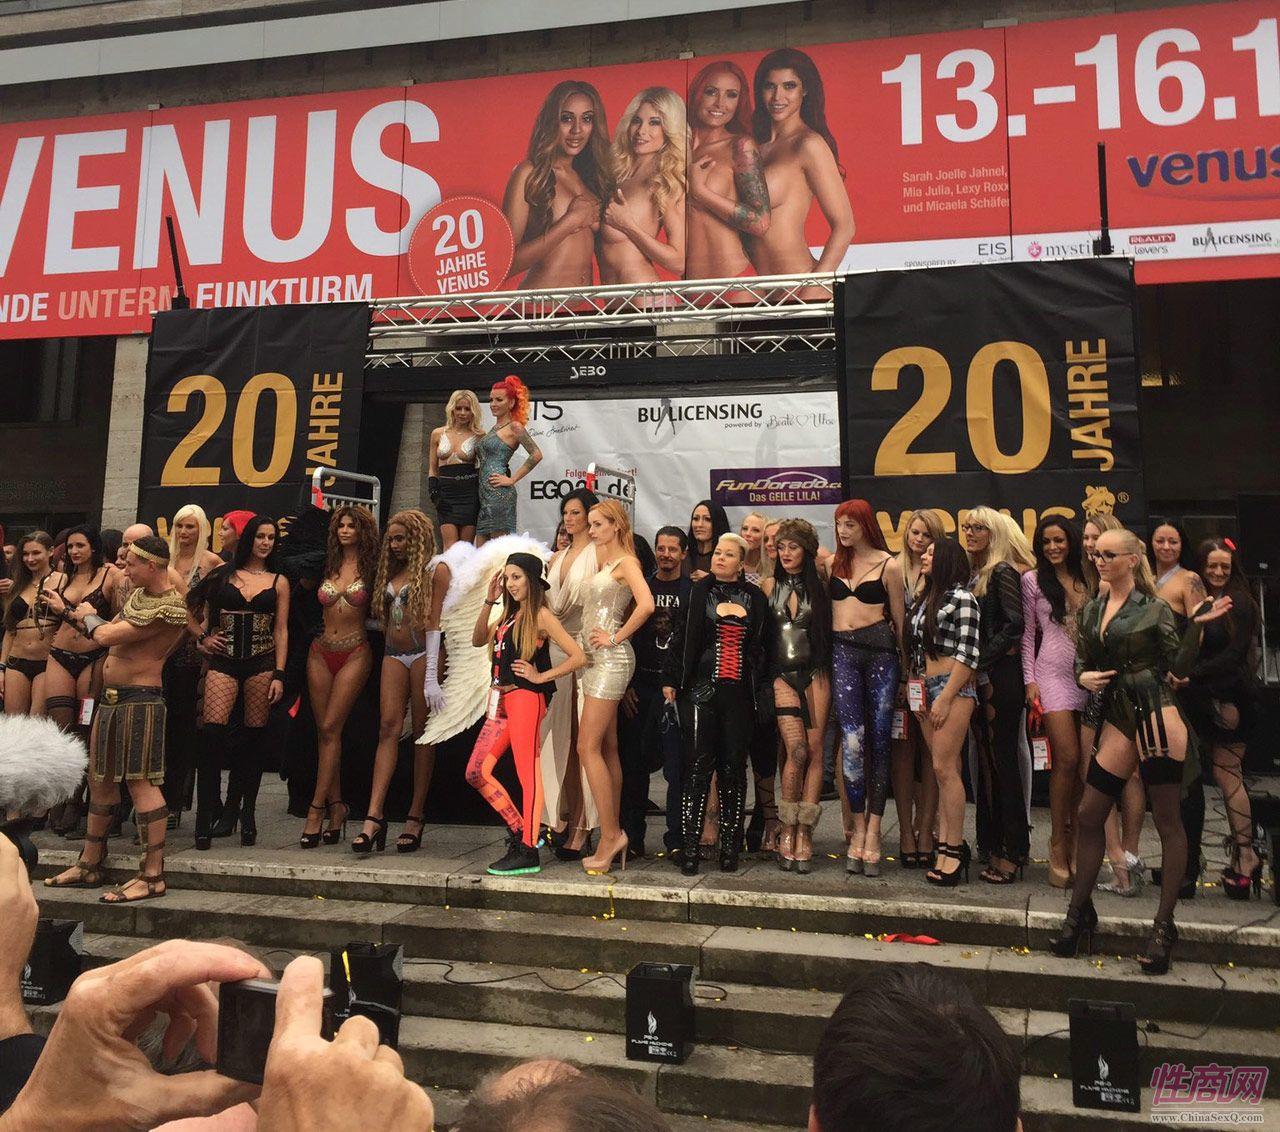 2016德国柏林成人展VENUS――开幕仪式图片1